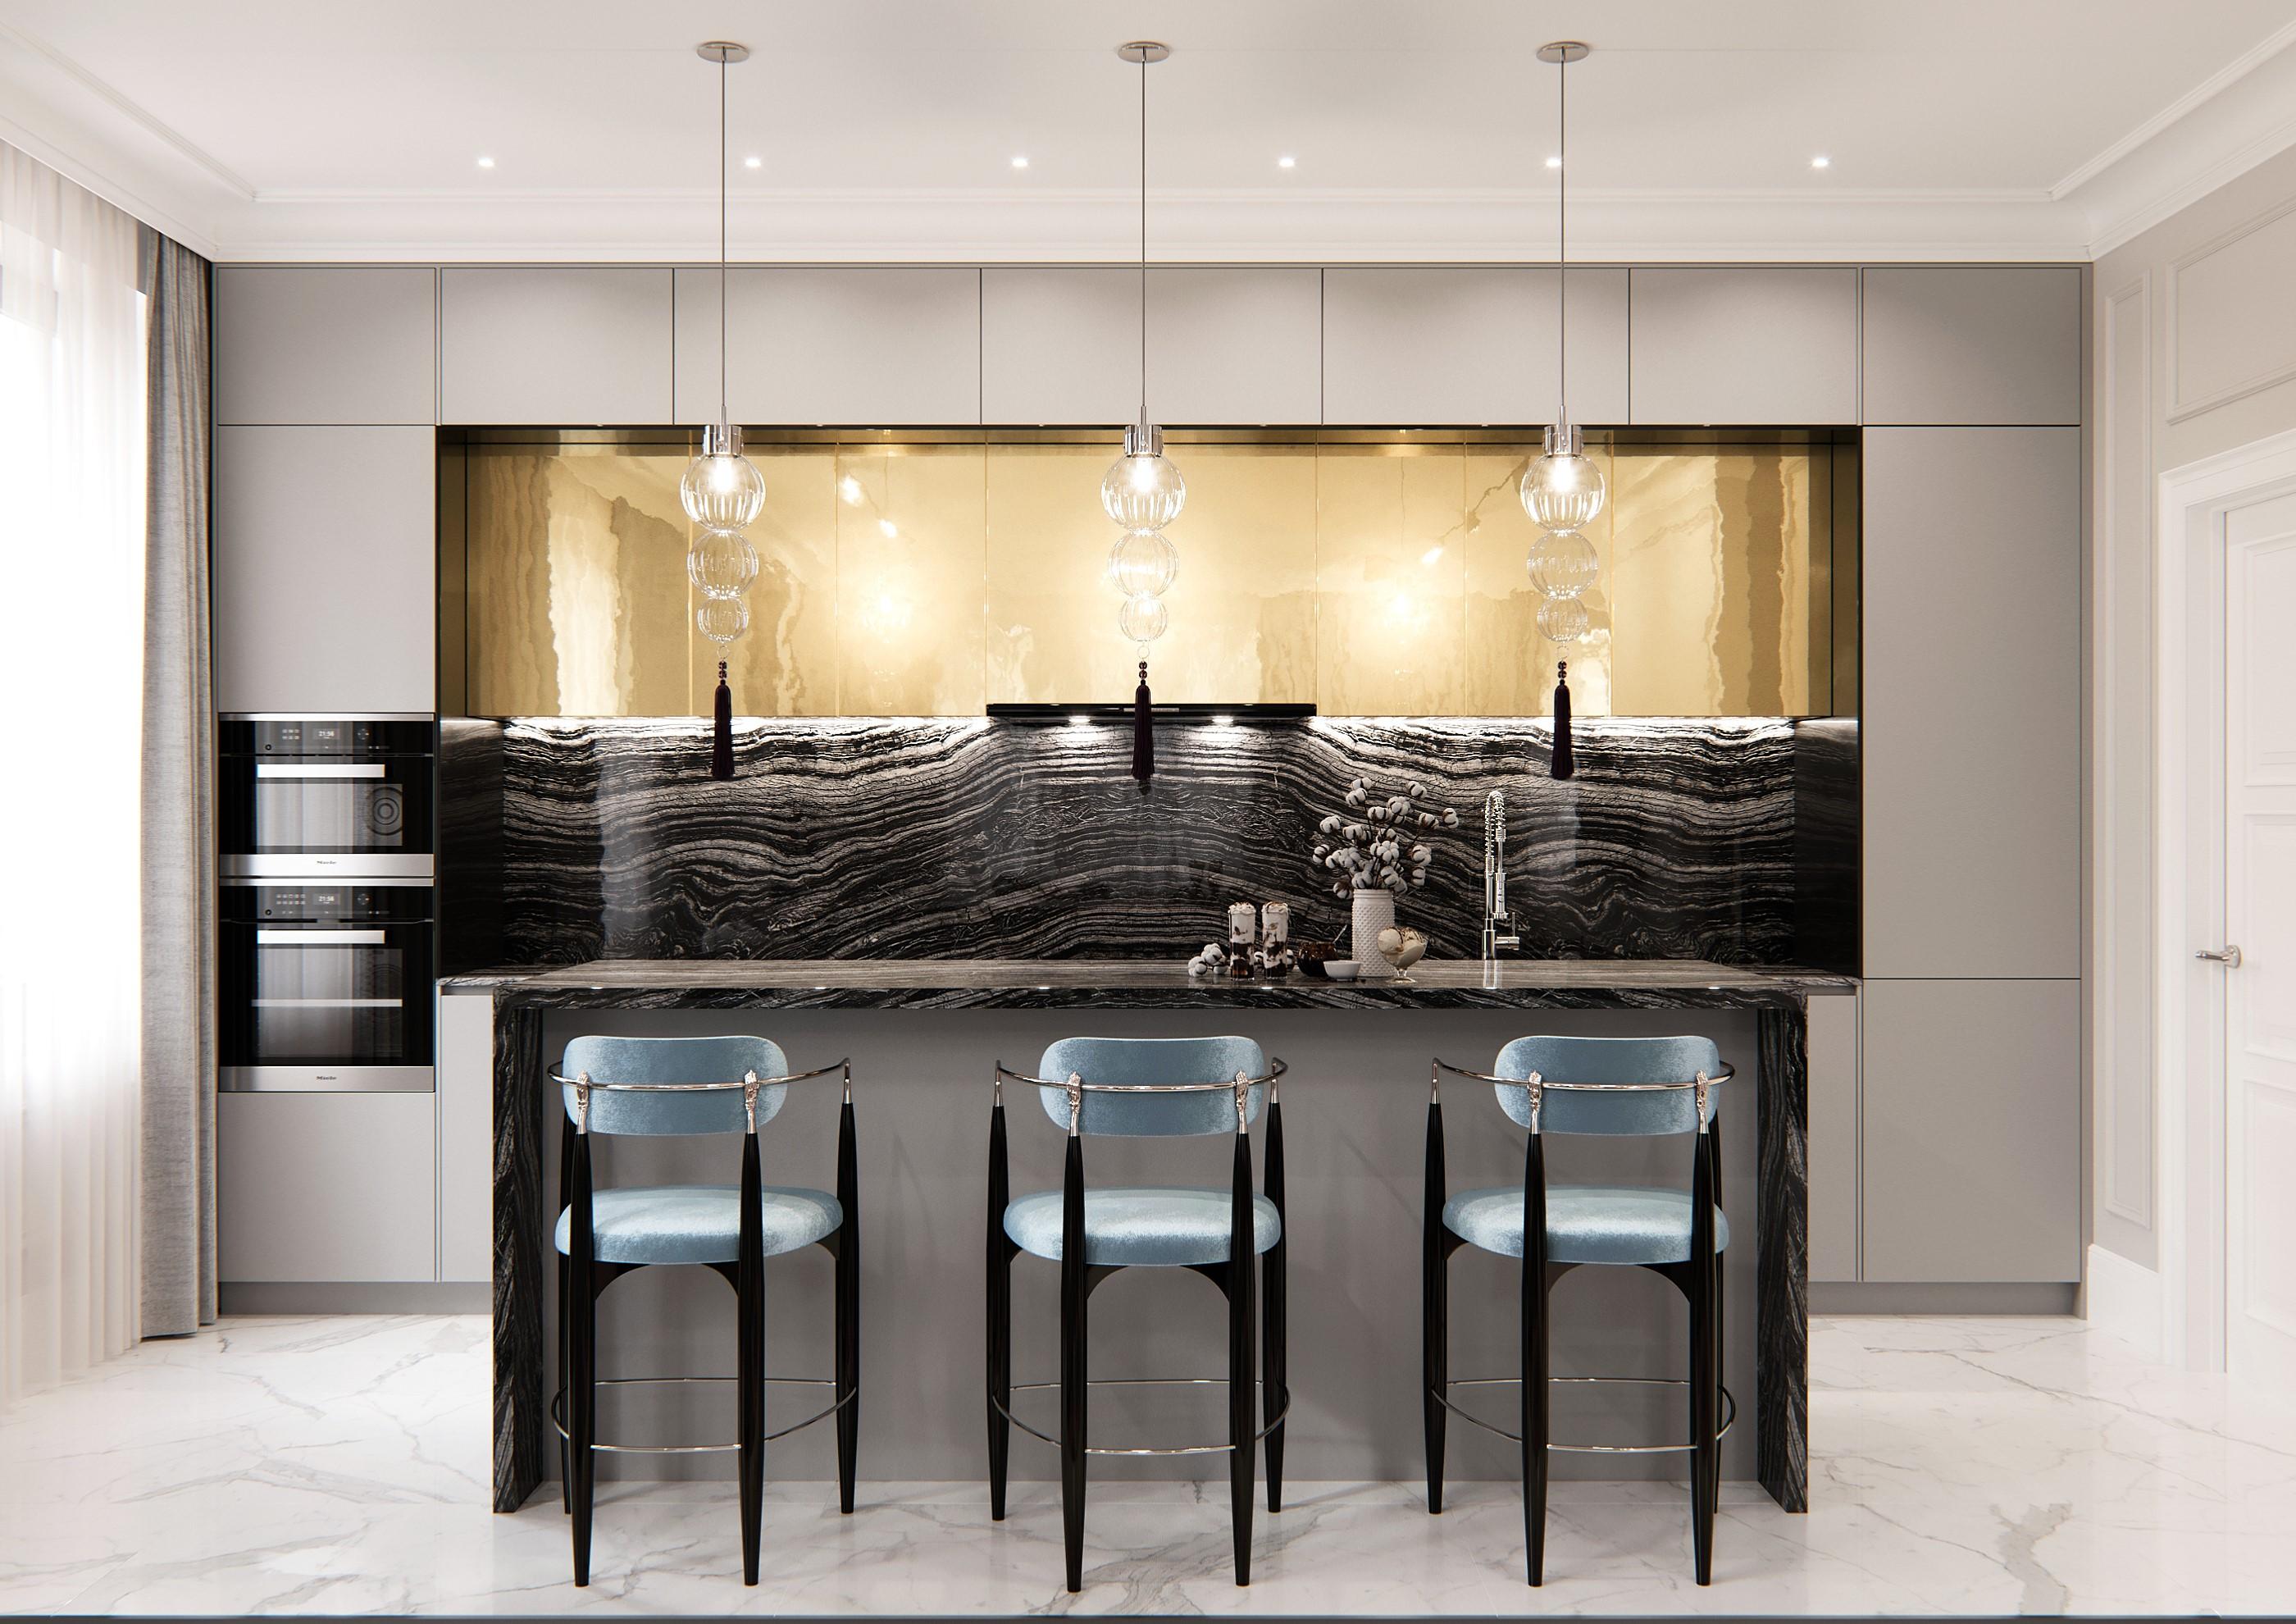 balcon studio dream kitchen with nahema bar stool by koket